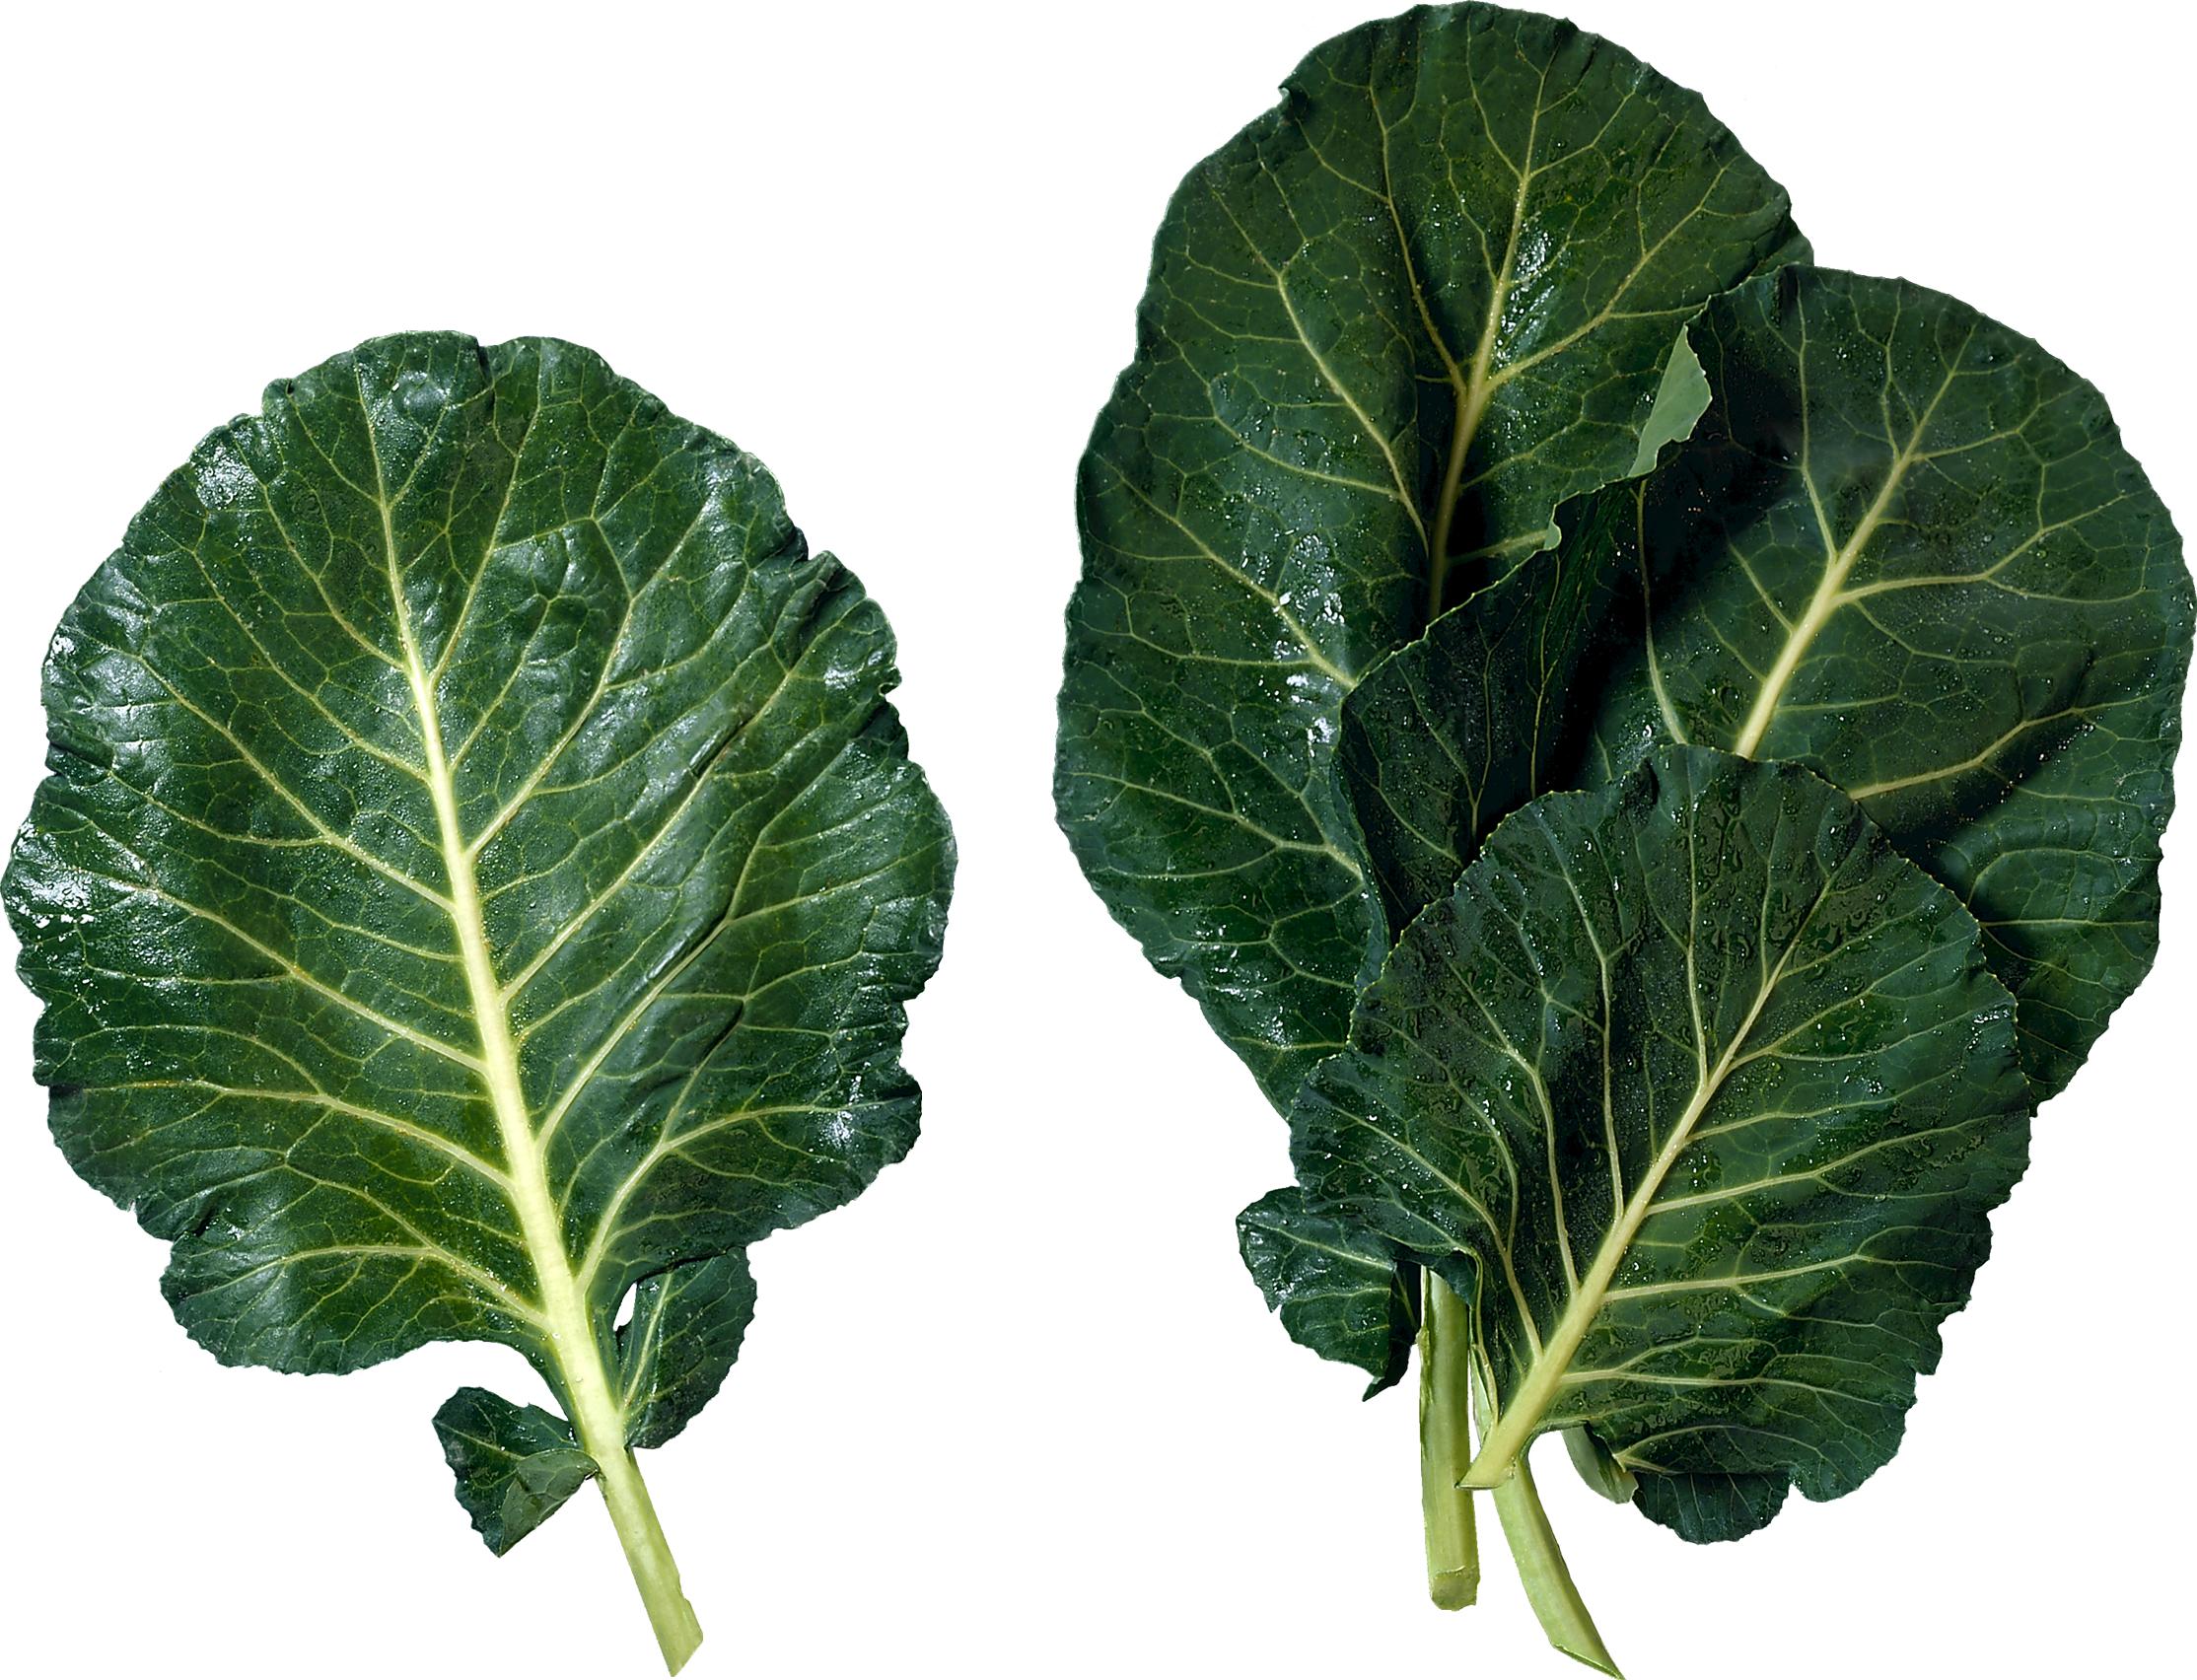 Salad png images free. Clipart vegetables leafy vegetable